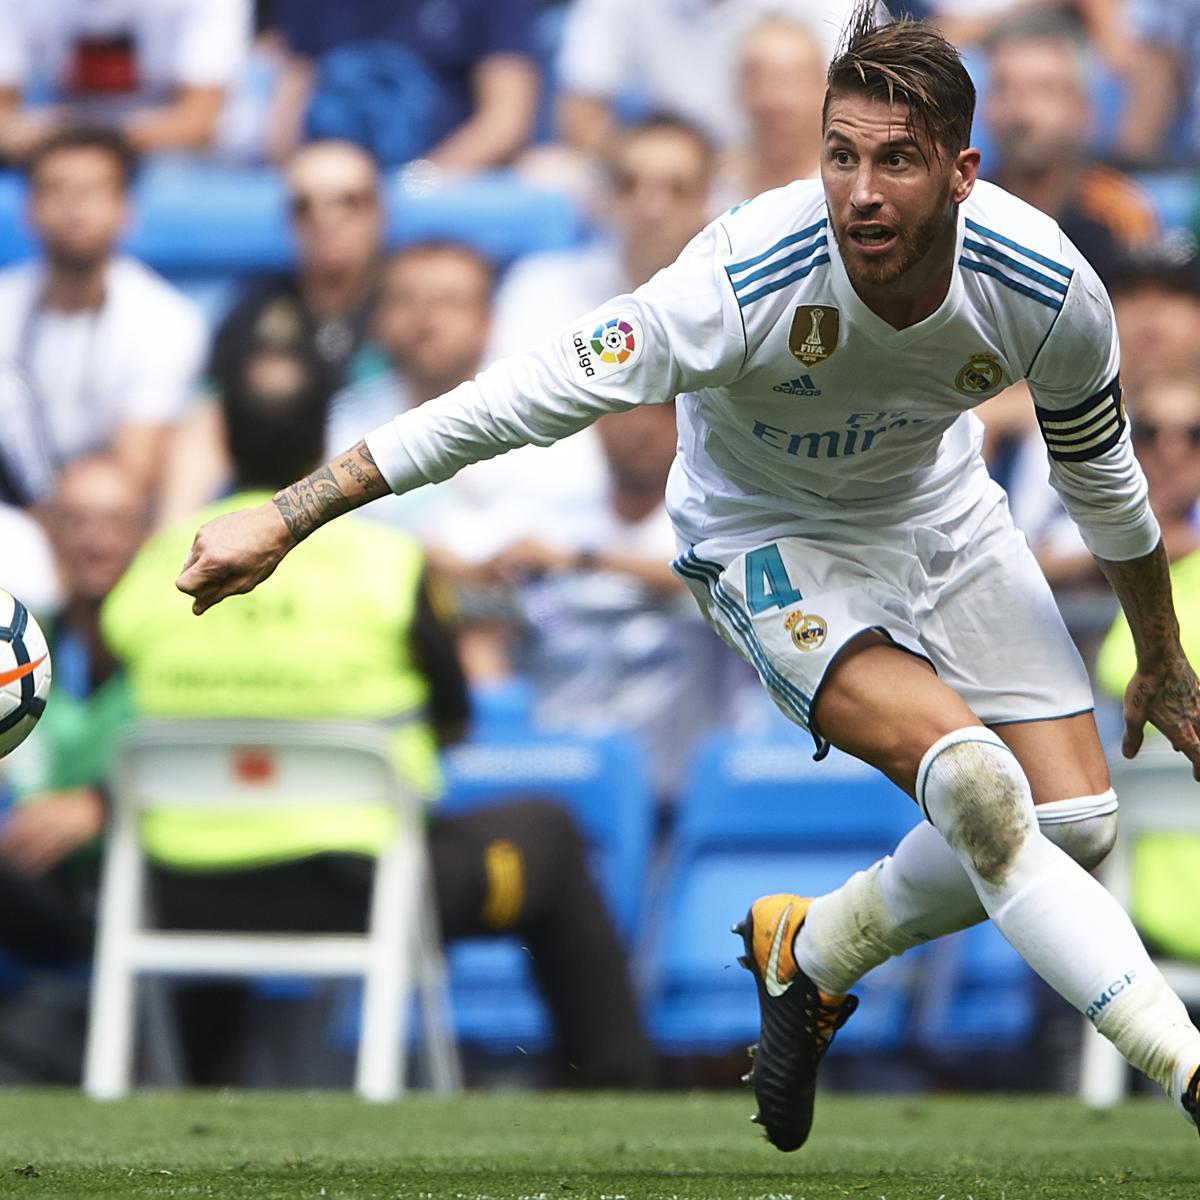 Ajax Vs Tottenham Hotspur Preview Live Stream Tv Info: Real Madrid Vs. Apoel Nicosia: Preview, Live Stream, TV